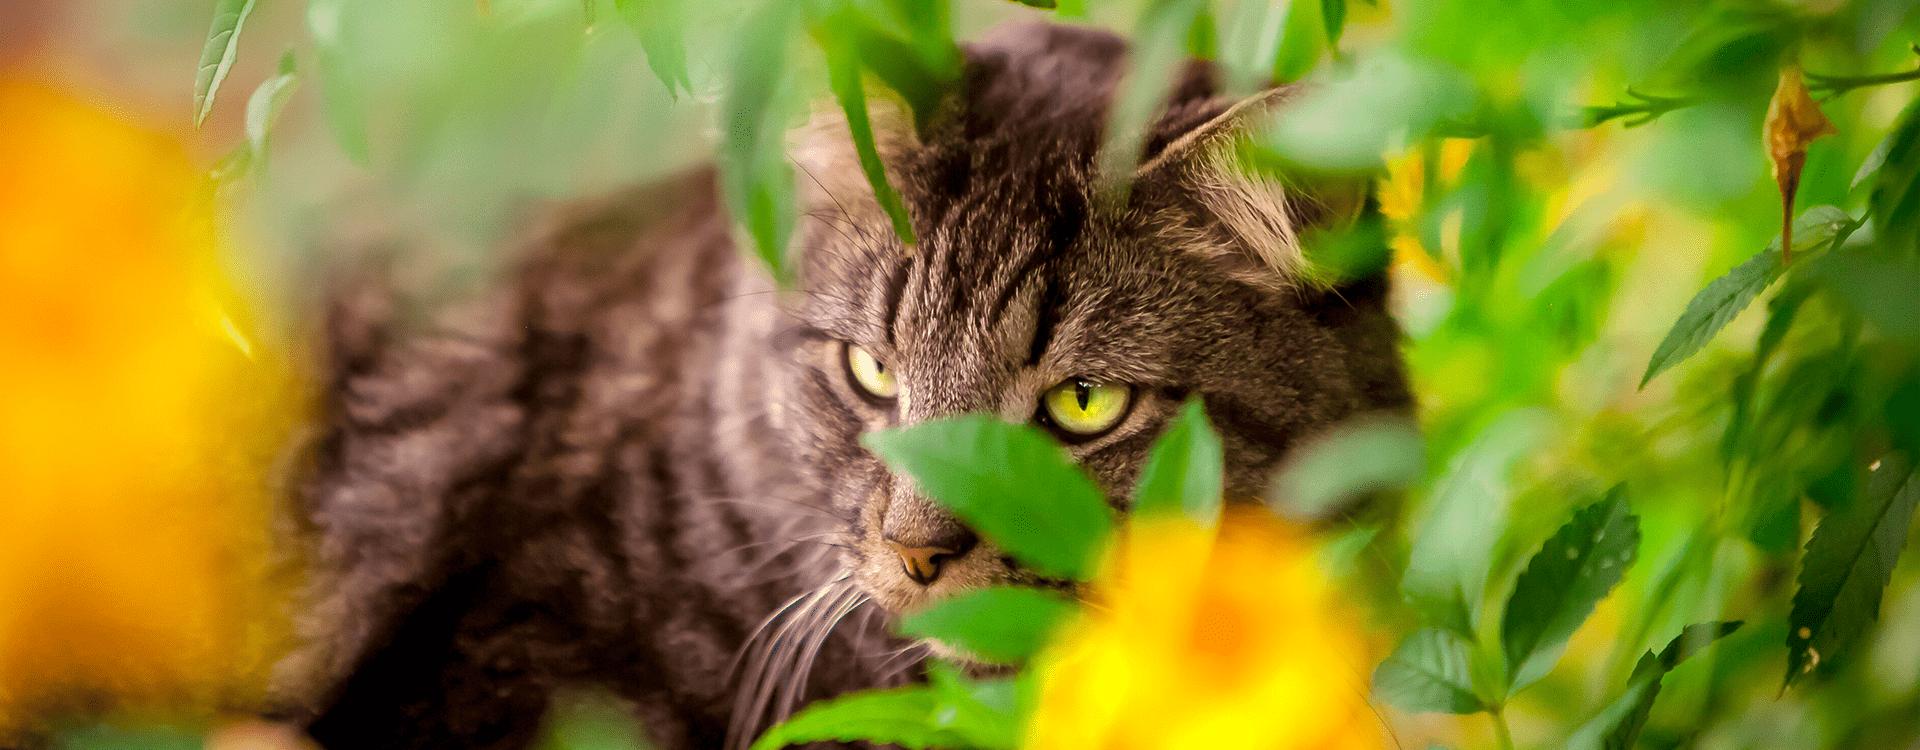 Γάτα που κρύβεται